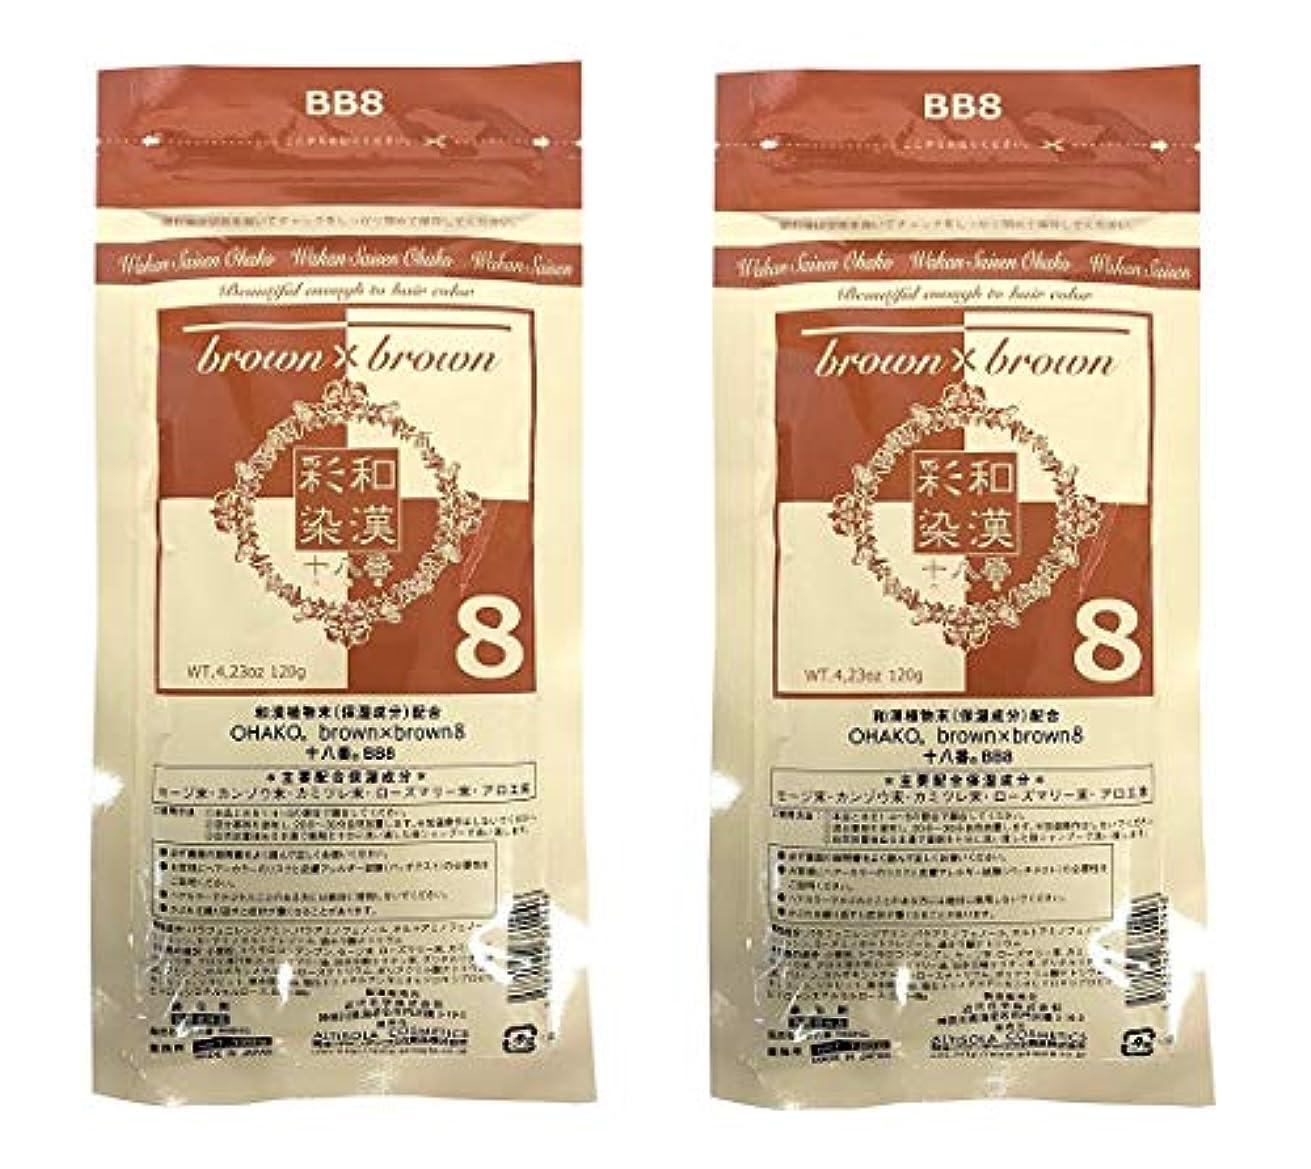 引退した発表所有者【2個セット】グランデックス 和漢彩染 十八番 120g BB8